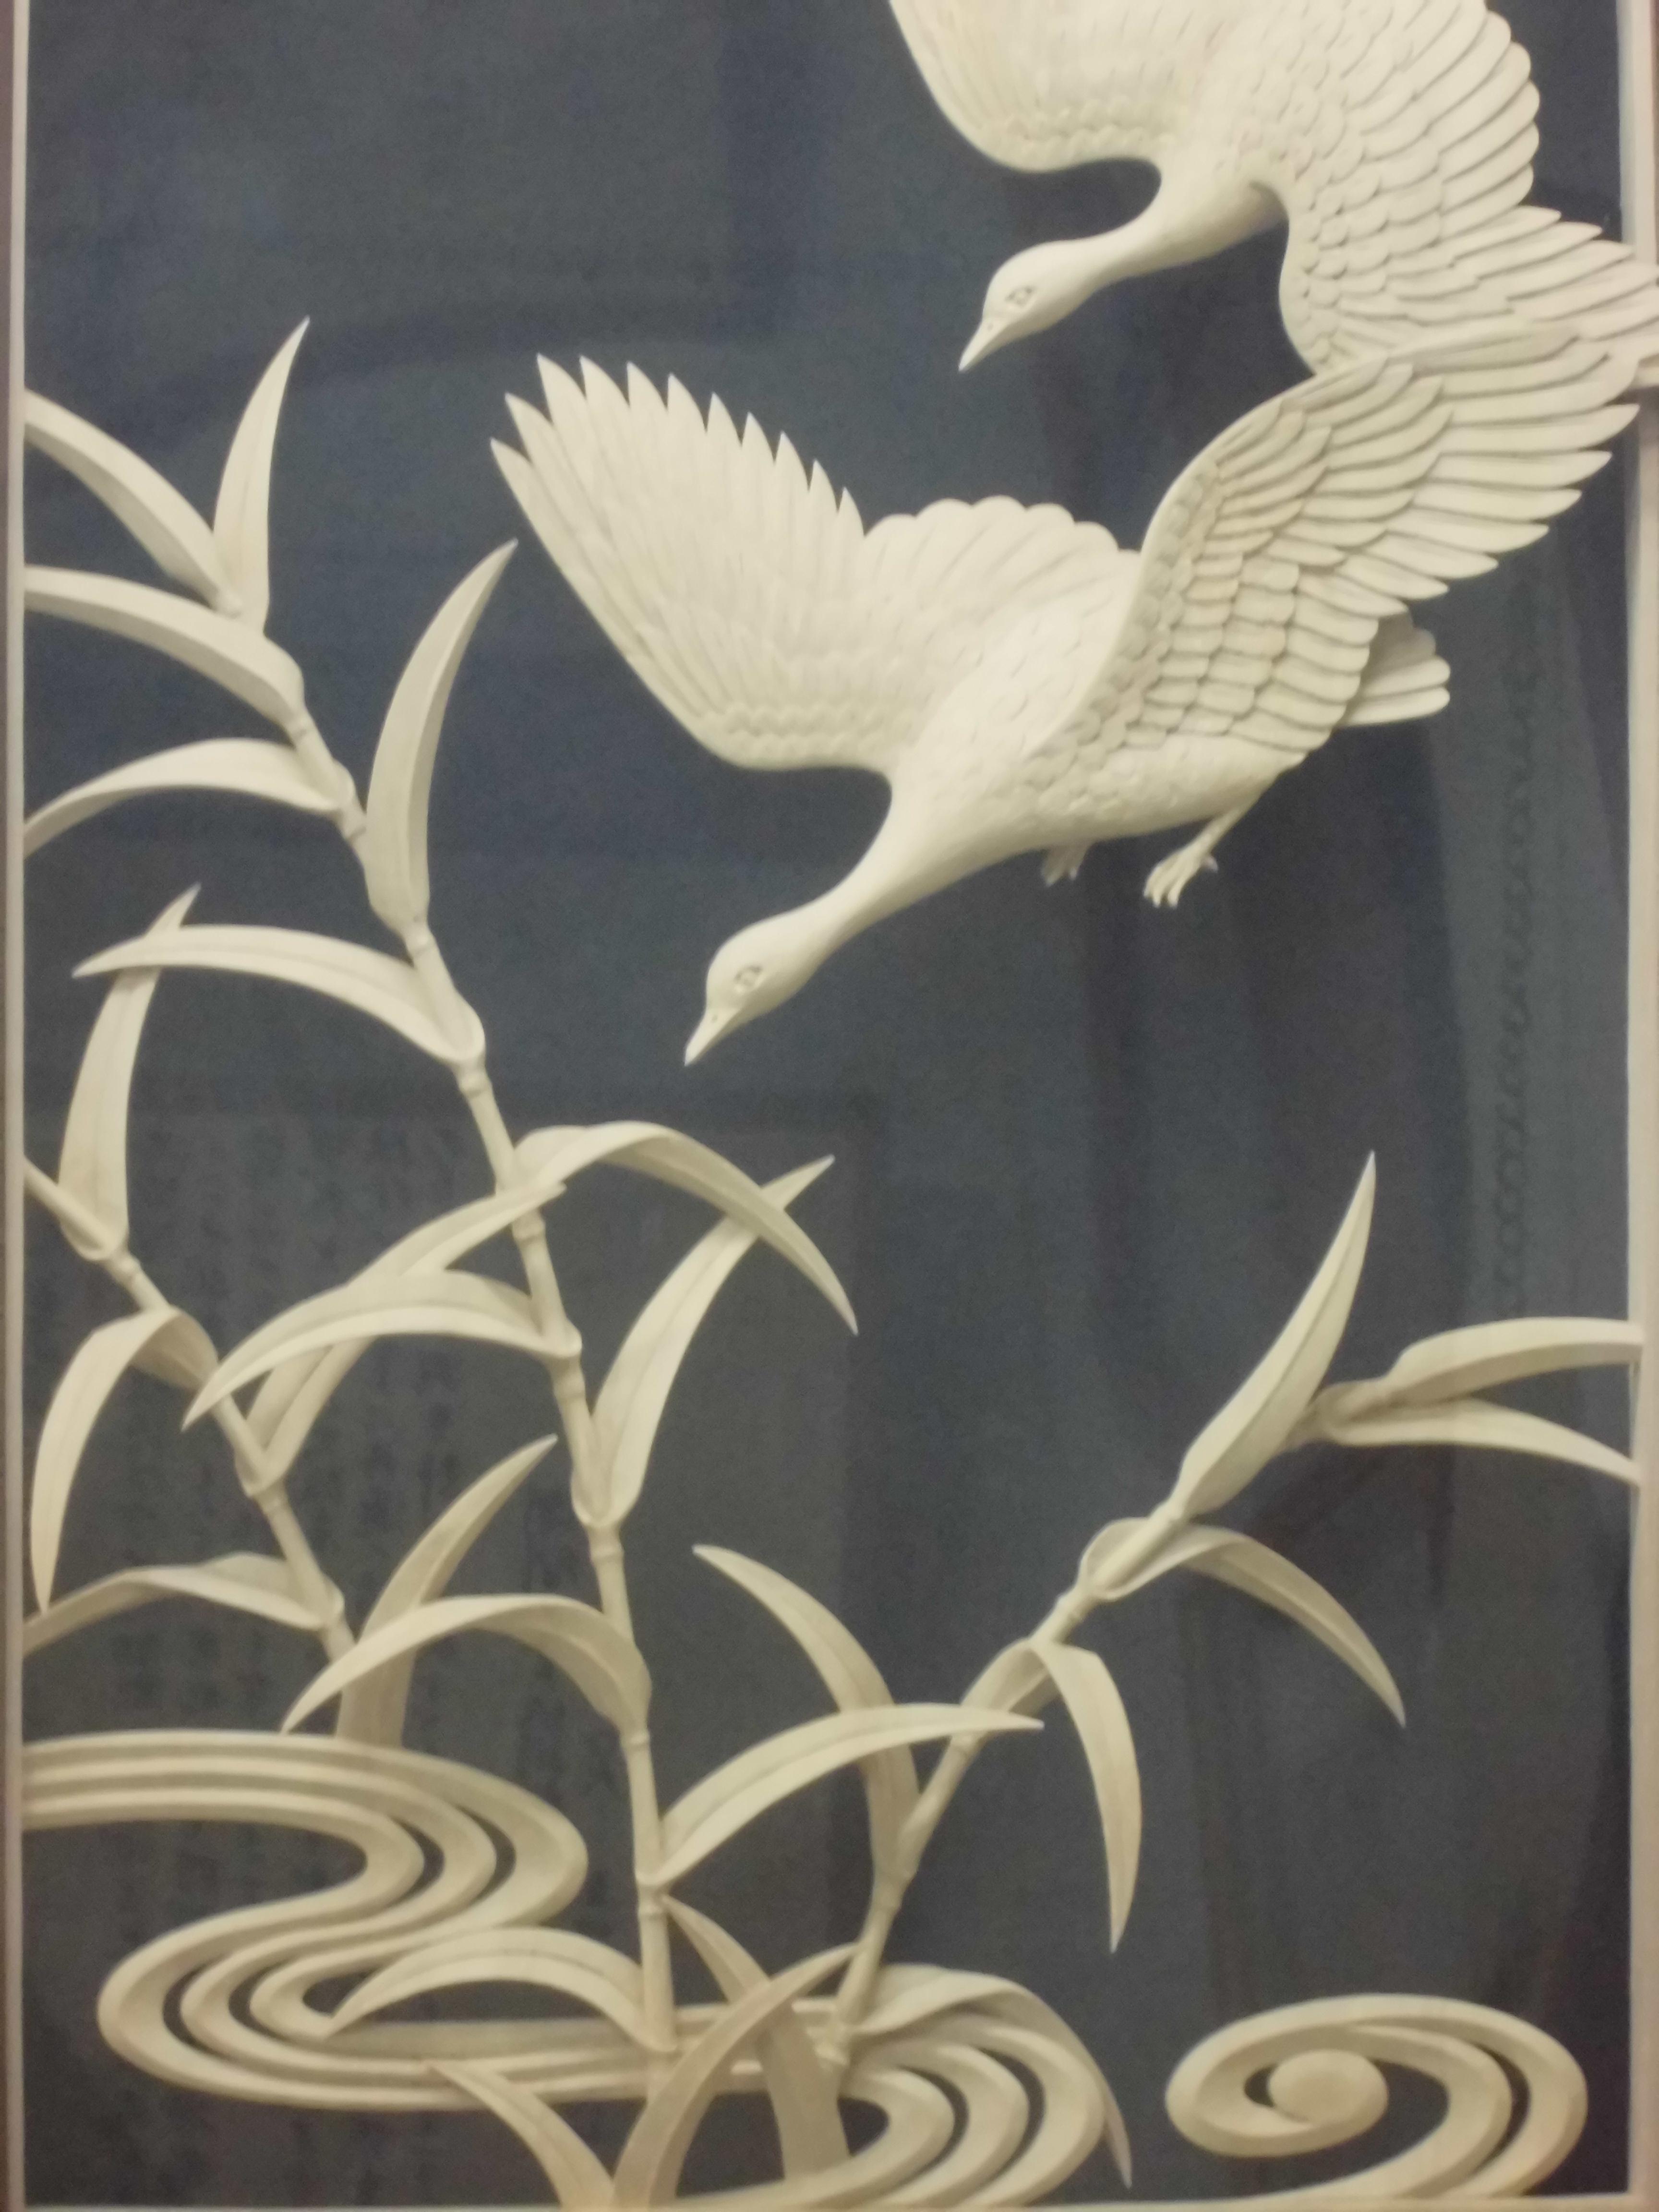 骨董品が好きな人におすすめ!!民芸品の大切さを学ぼう【日本工芸館に行ってきました。by-VEGETAPSY】